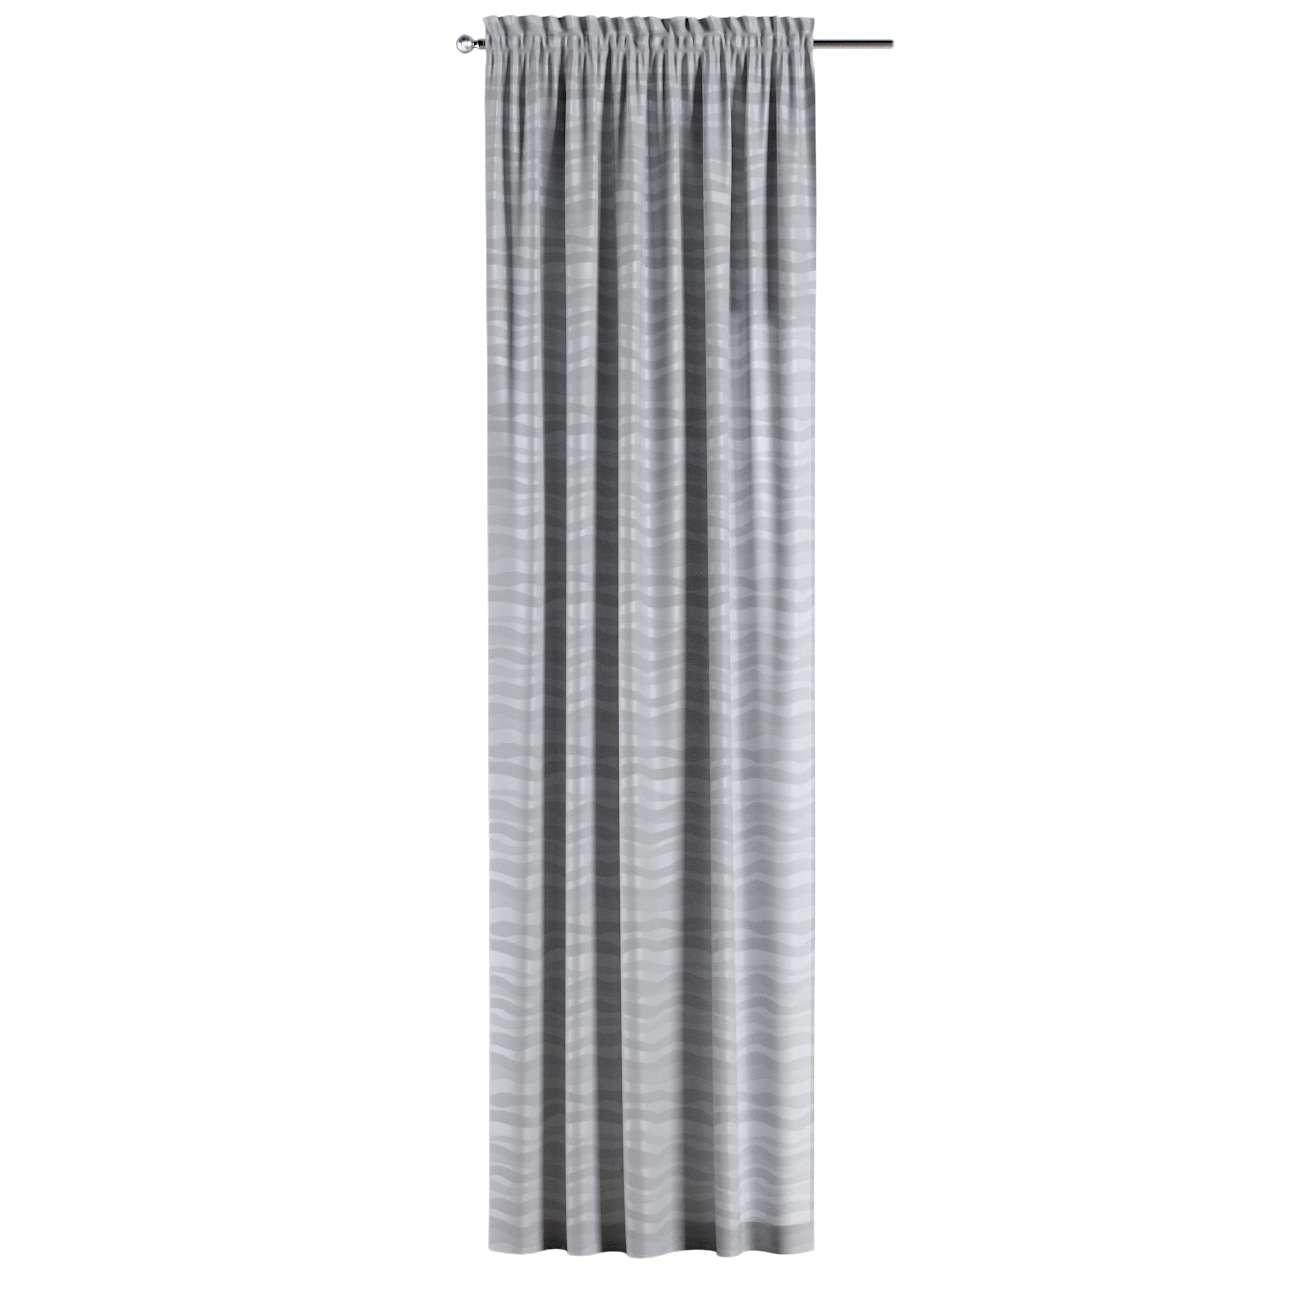 Gardin med kanal och rynkband för fingerkrokar - 1 längd i kollektionen Damasco, Tyg: 141-72